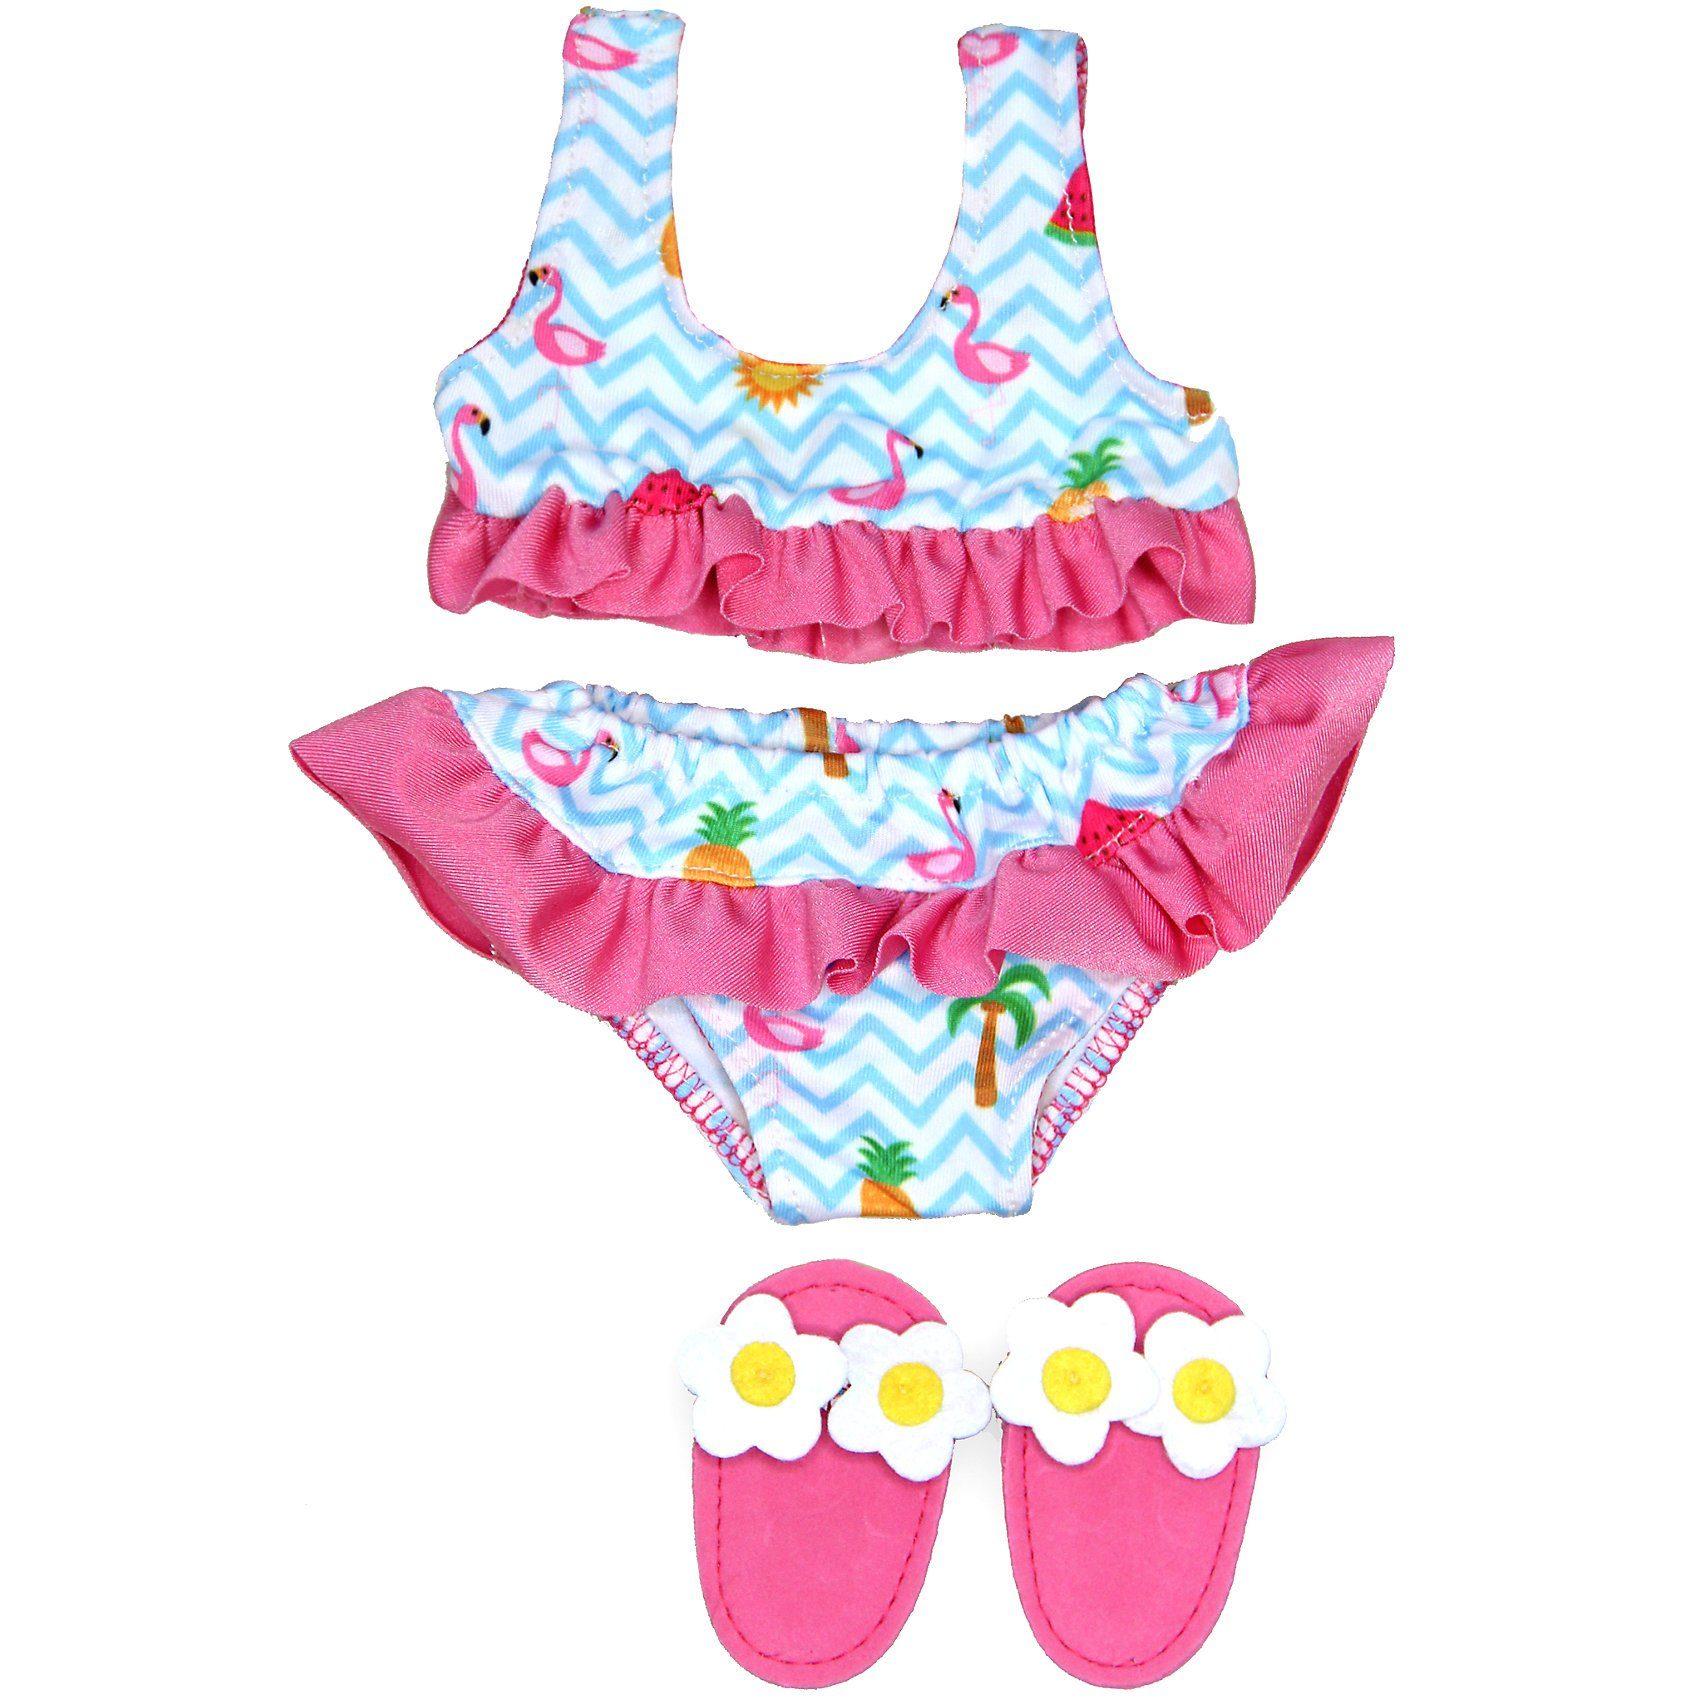 Heless Flamingo Bikini mit Badeschläppchen, Gr. 35 45 cm, Puppenkle online kaufen | OTTO